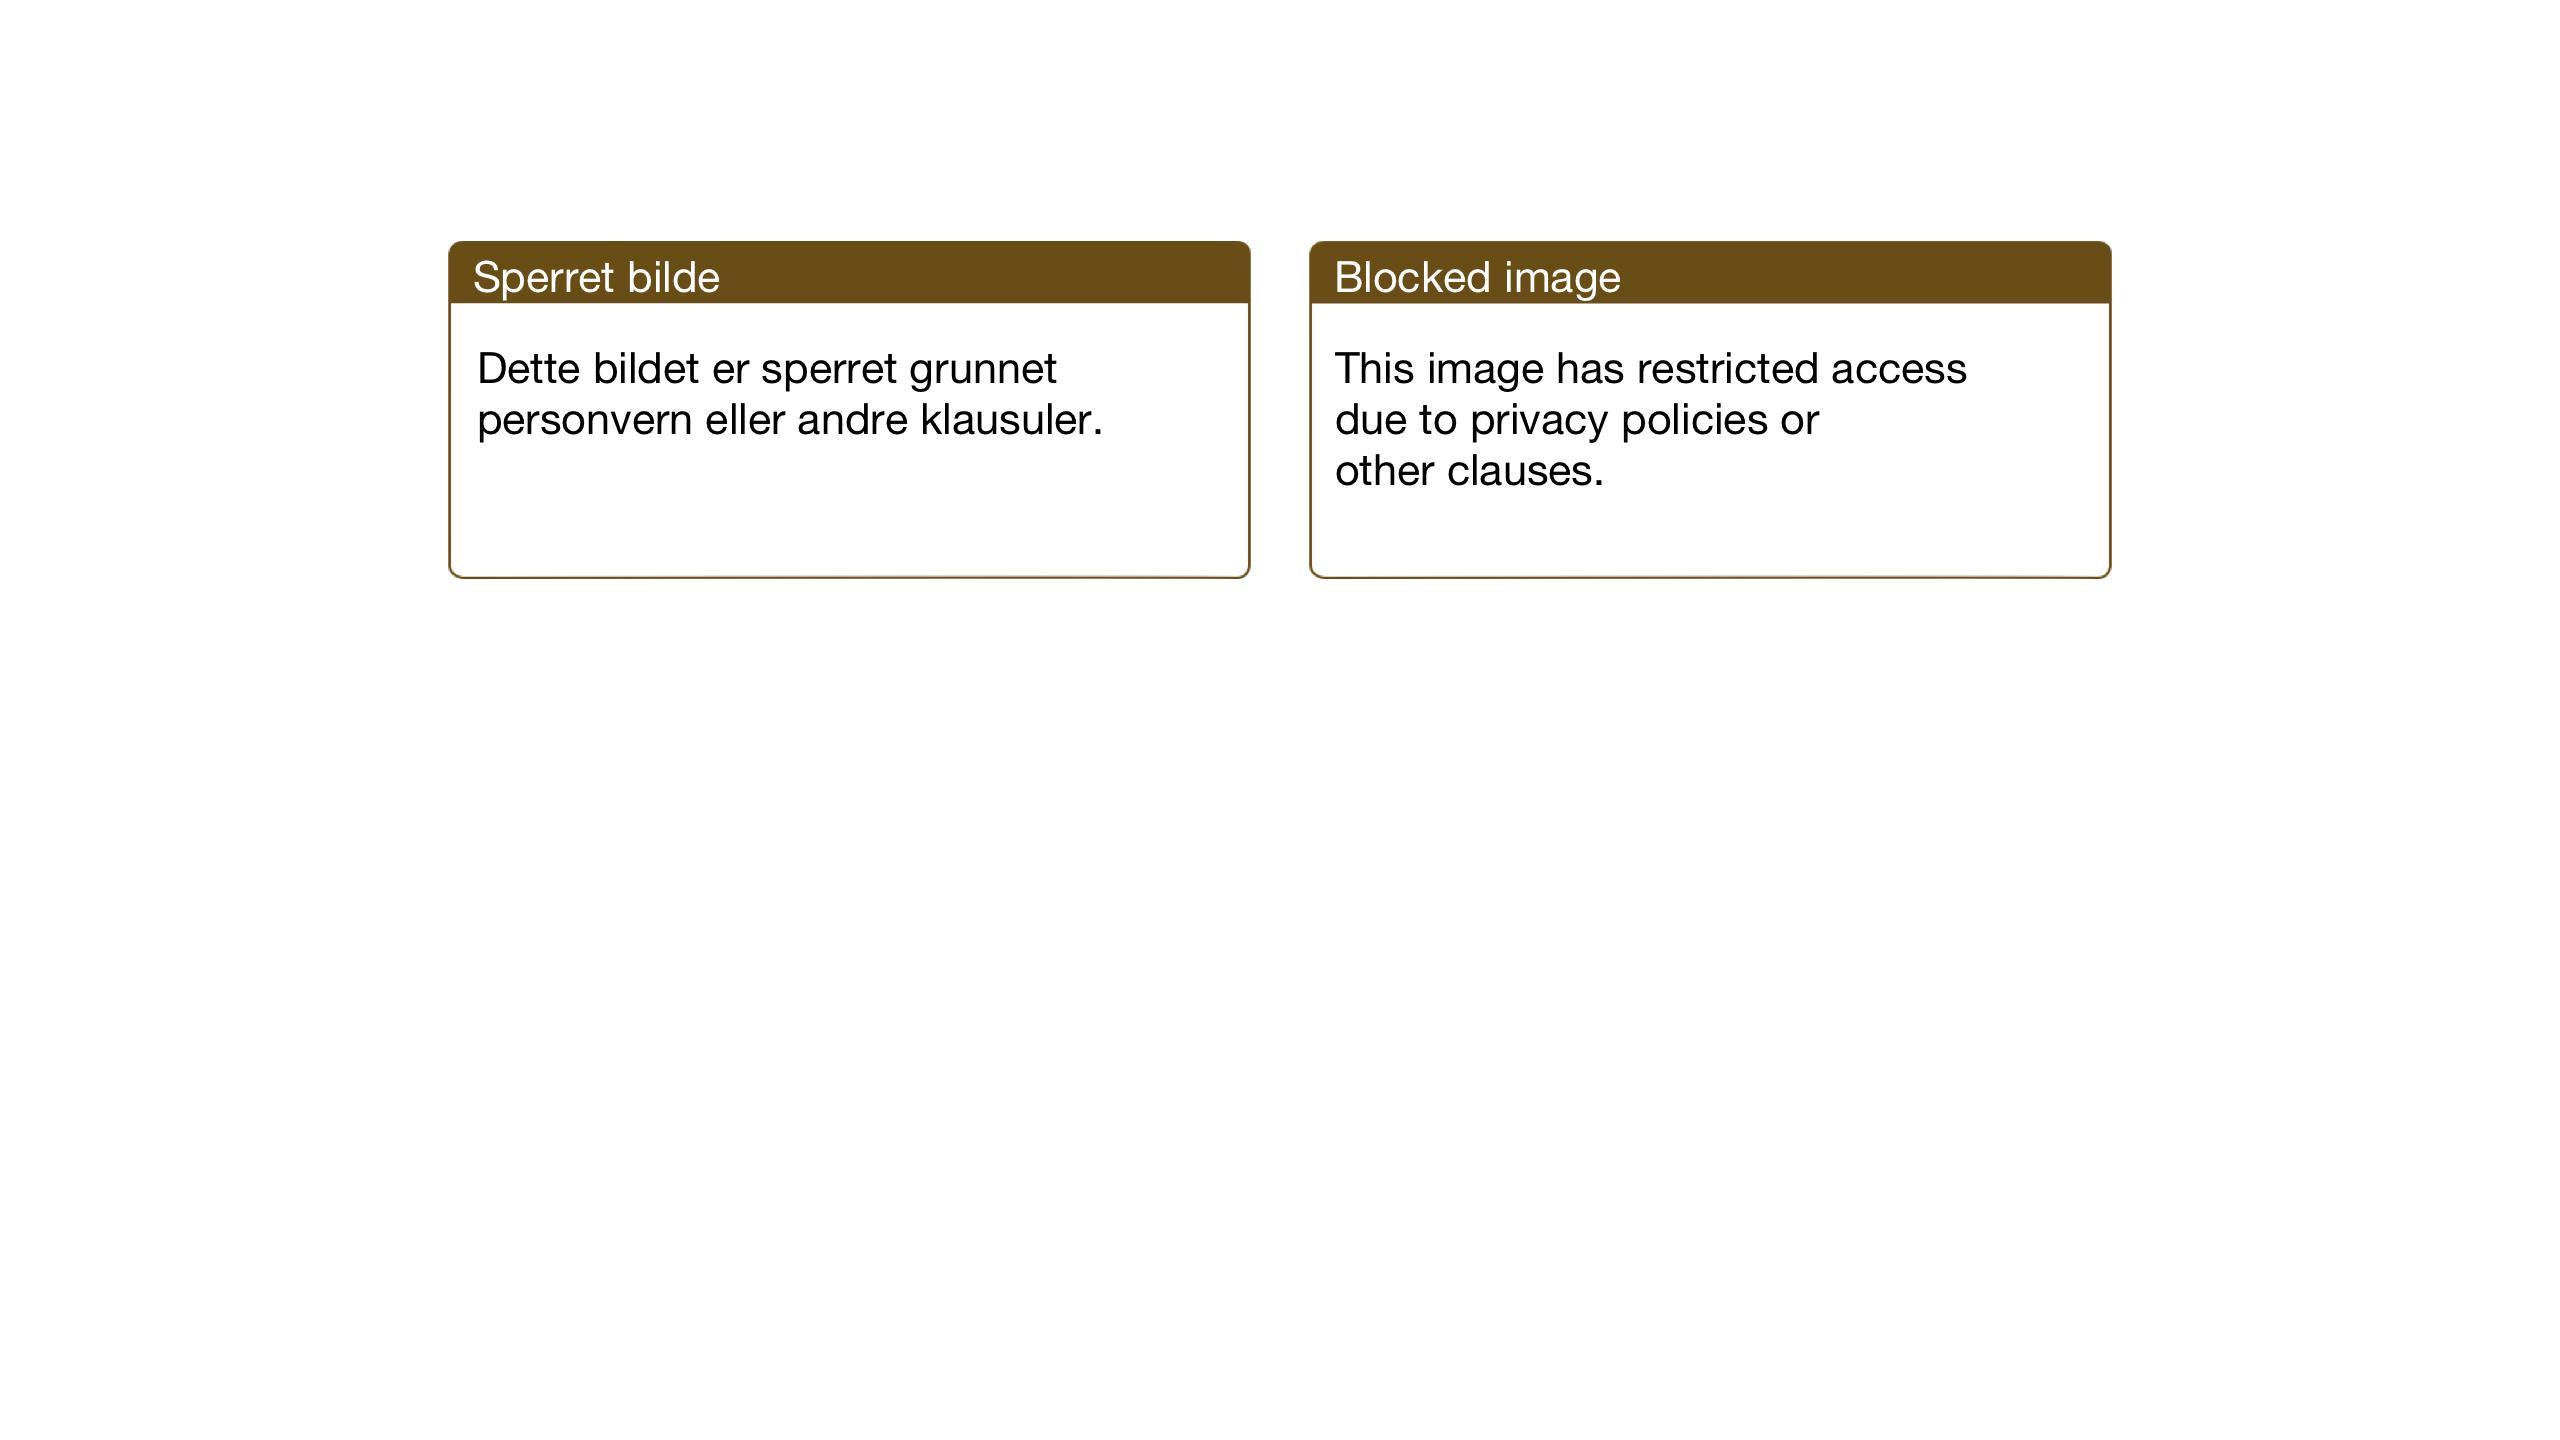 SAT, Ministerialprotokoller, klokkerbøker og fødselsregistre - Sør-Trøndelag, 640/L0589: Klokkerbok nr. 640C06, 1922-1934, s. 77